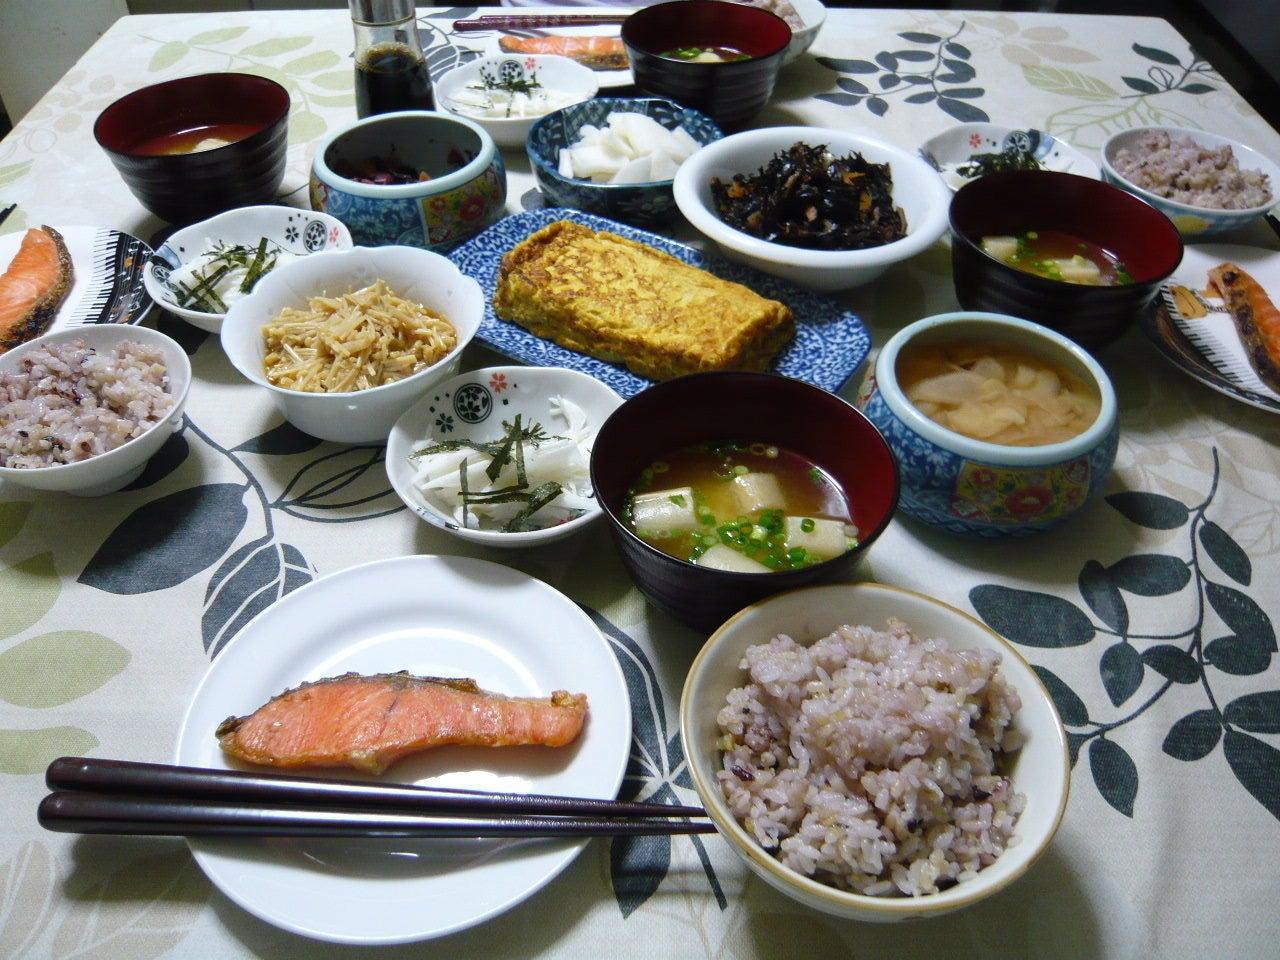 の 和食 御飯 今日 晩